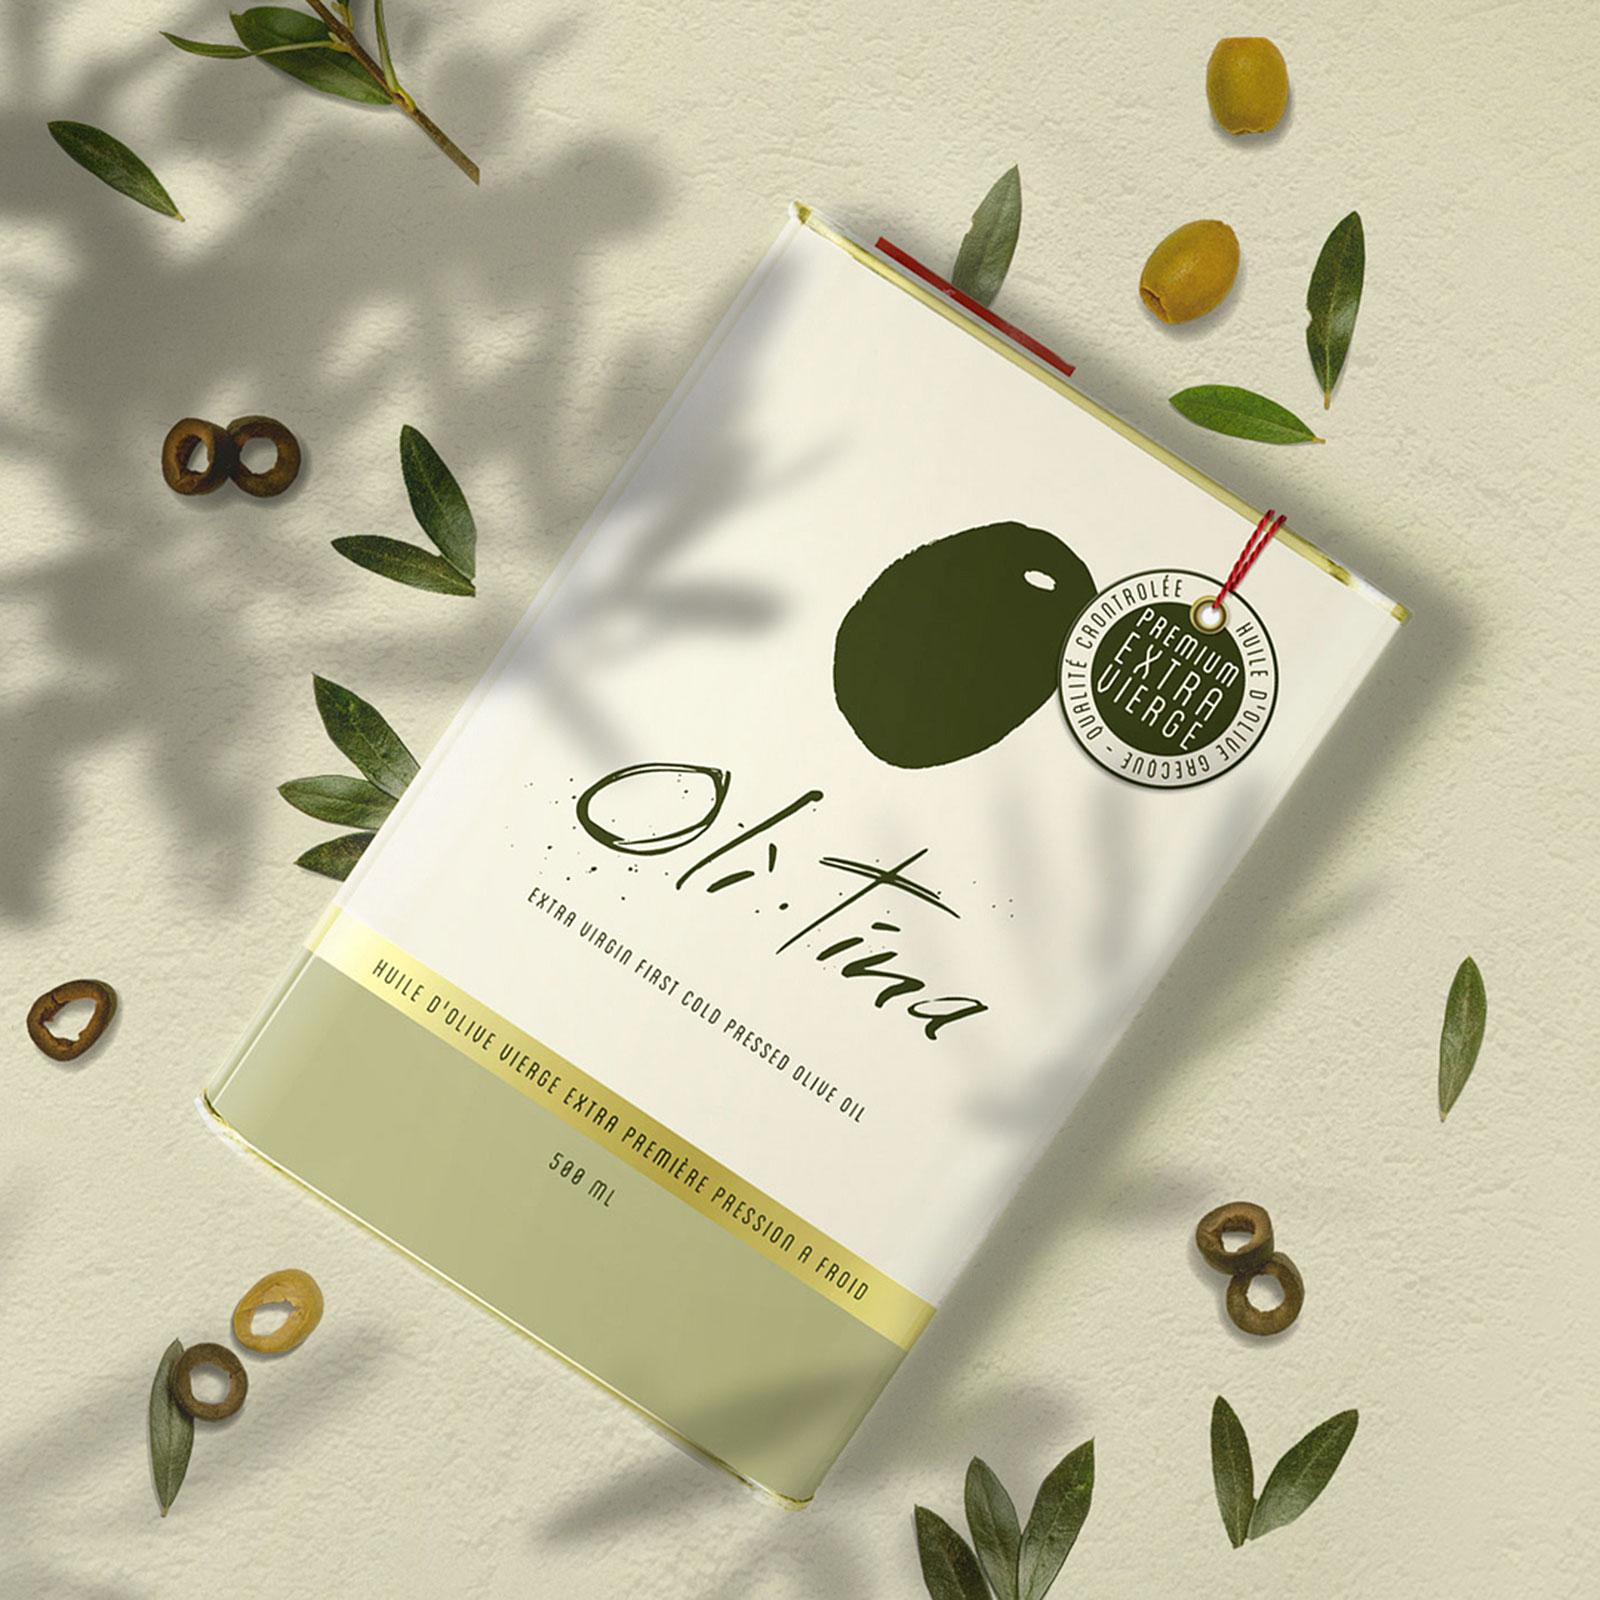 Oli Tina, Love in an Oil Container Designed by Delatour Design Studio